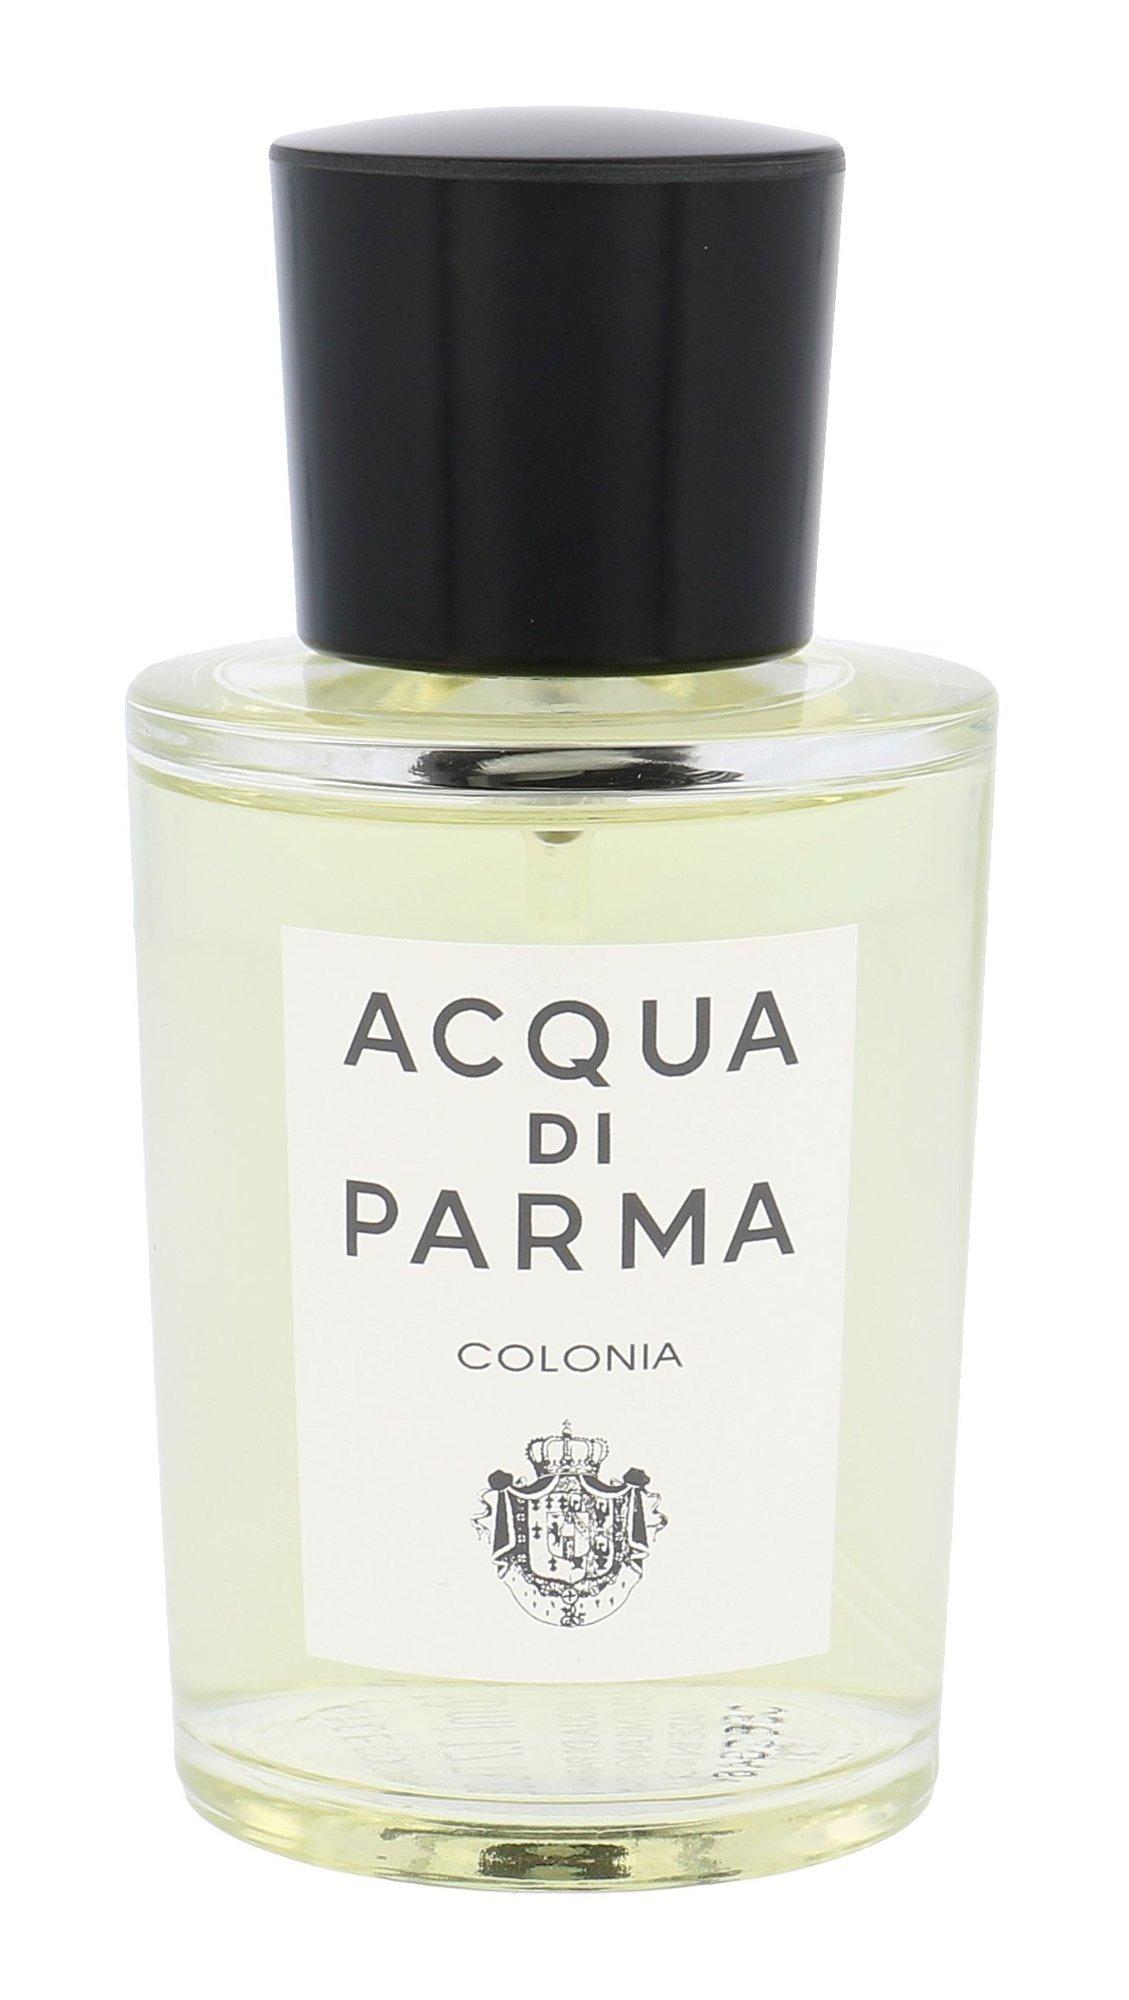 Acqua di Parma Colonia Cologne 50ml